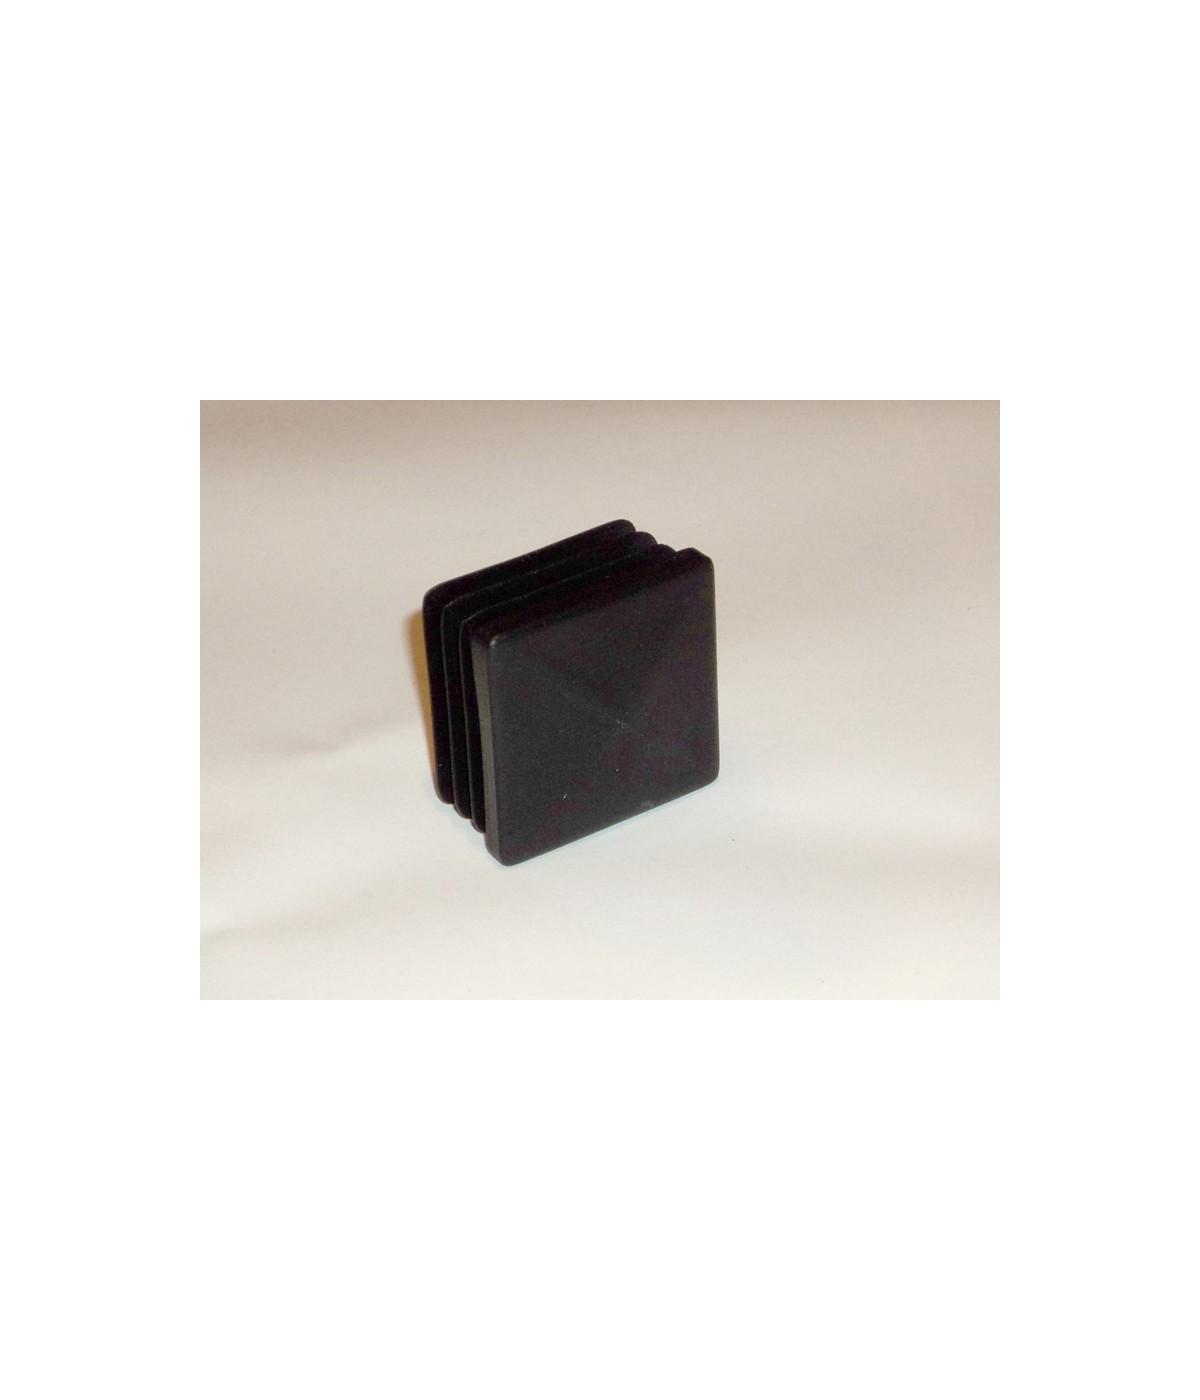 Tappo alettato 35x35 mm